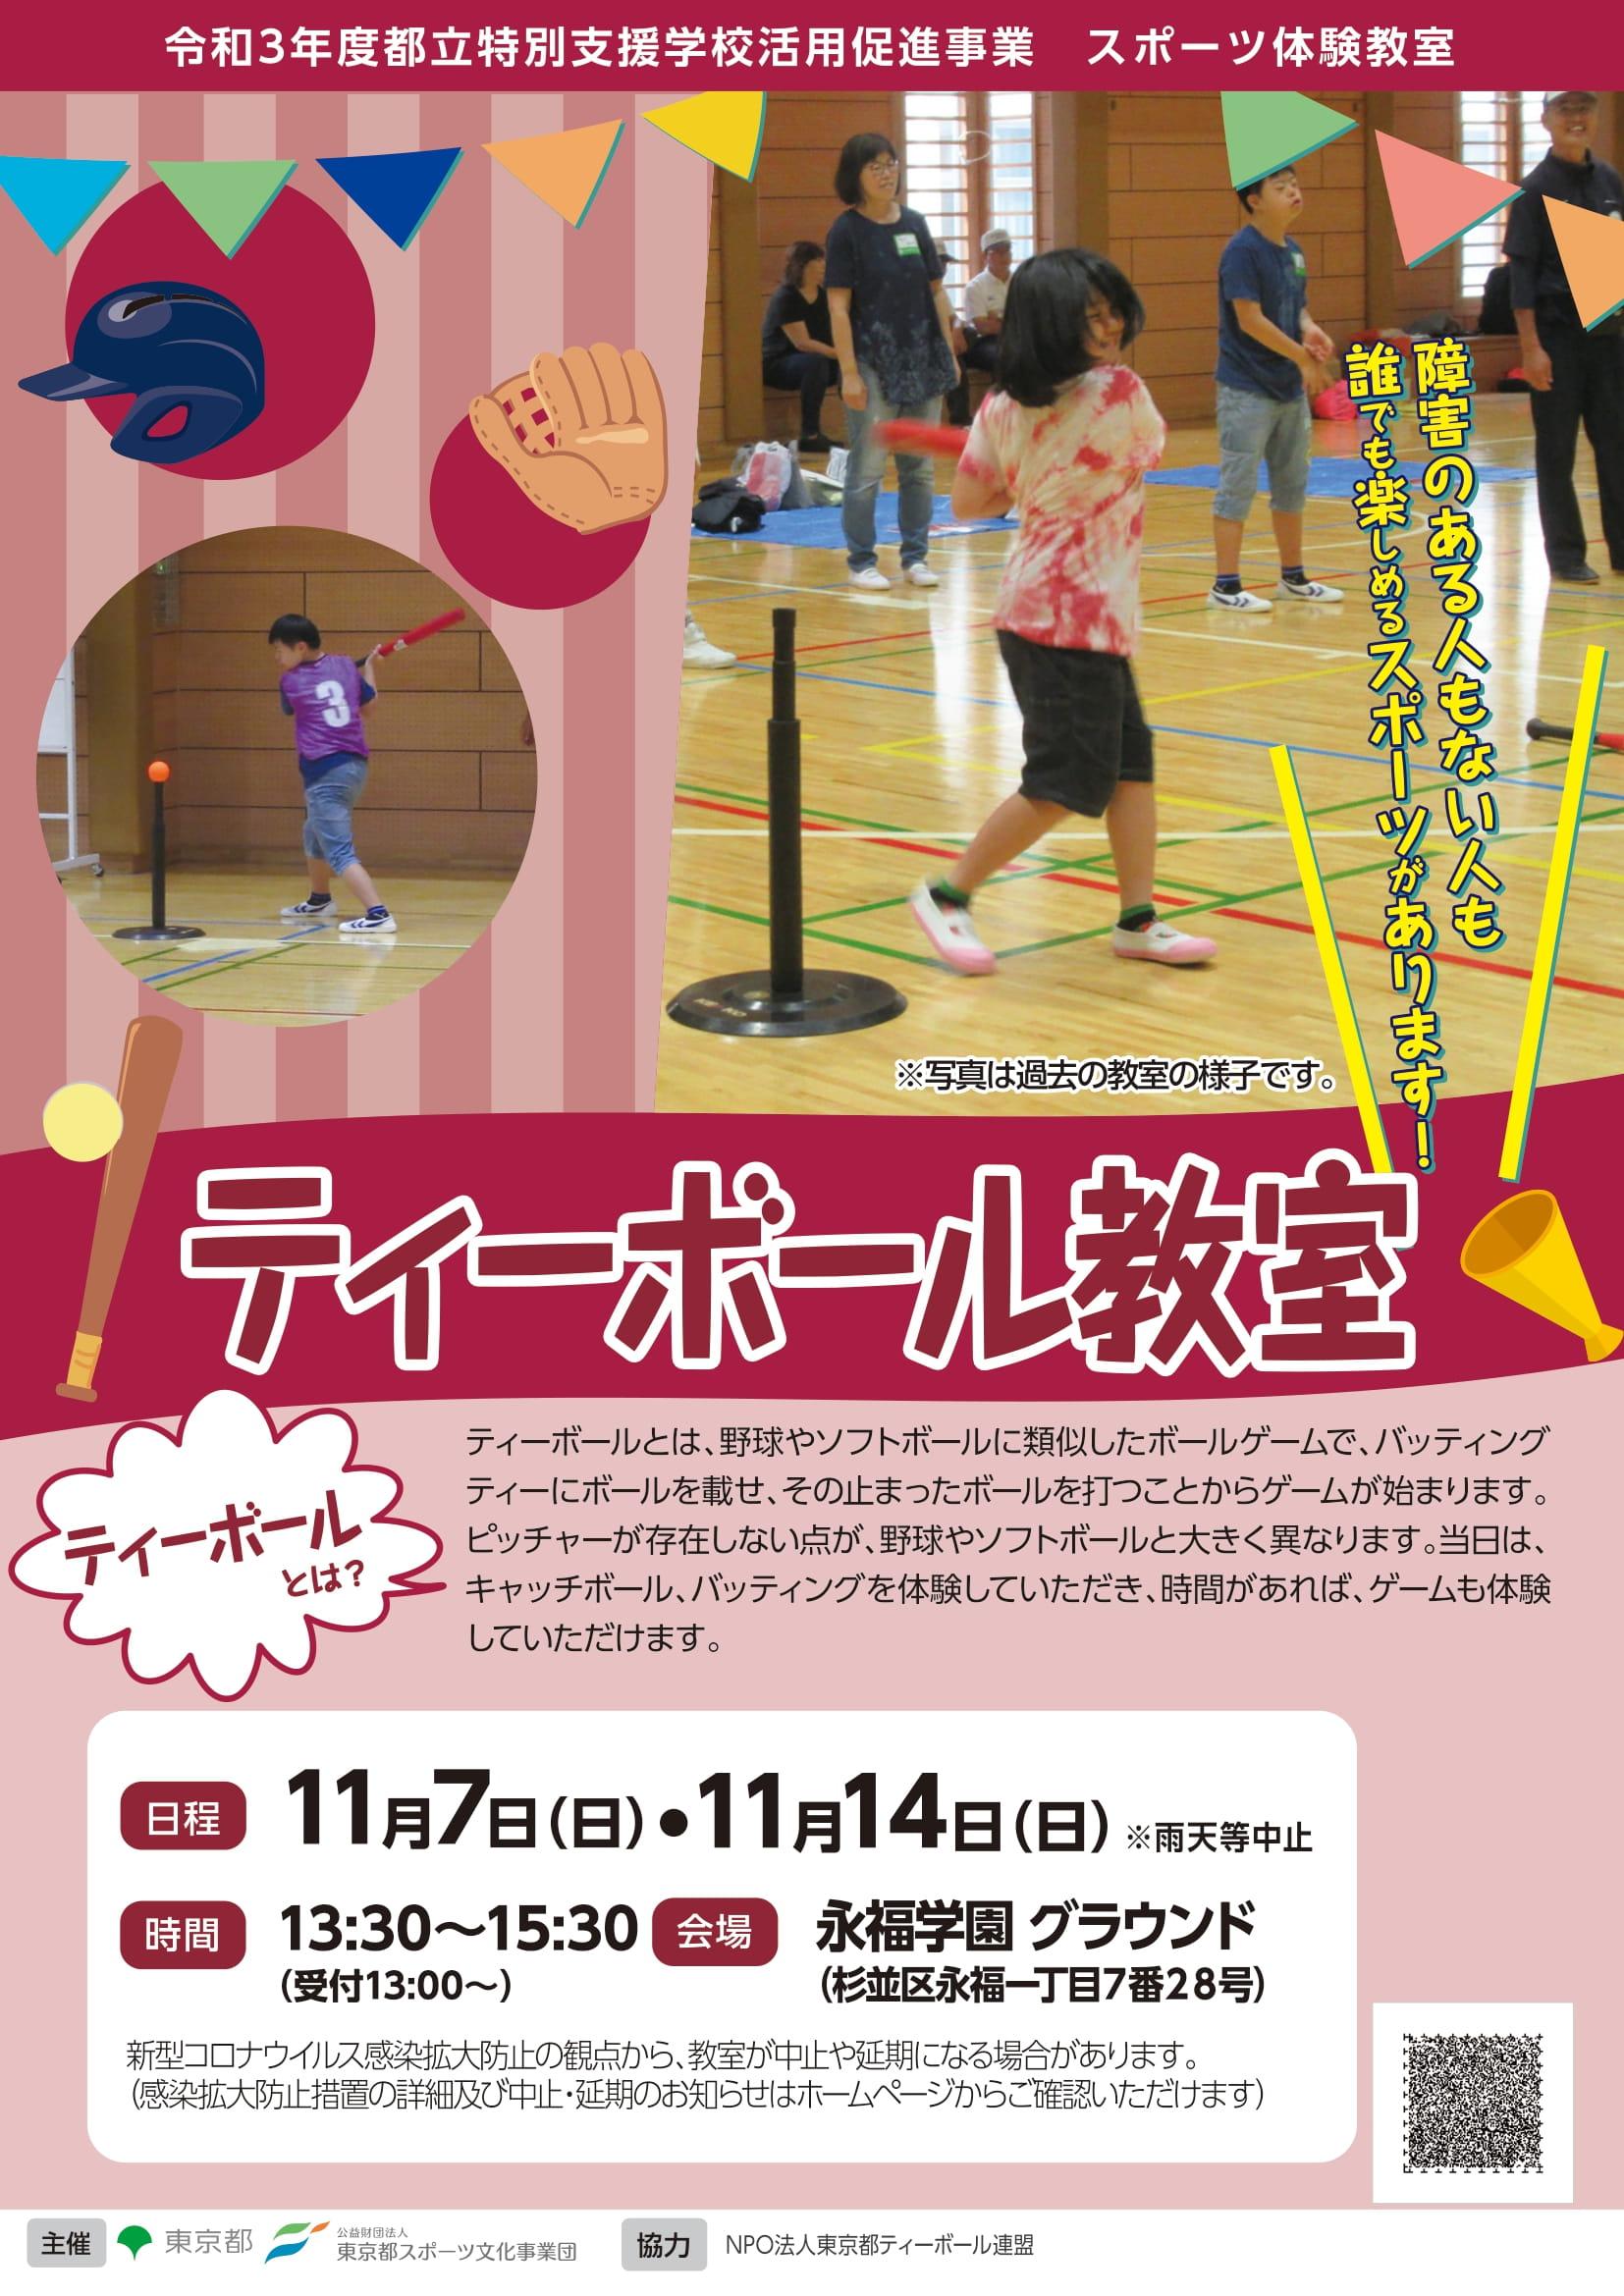 ティーボール教室【永福】